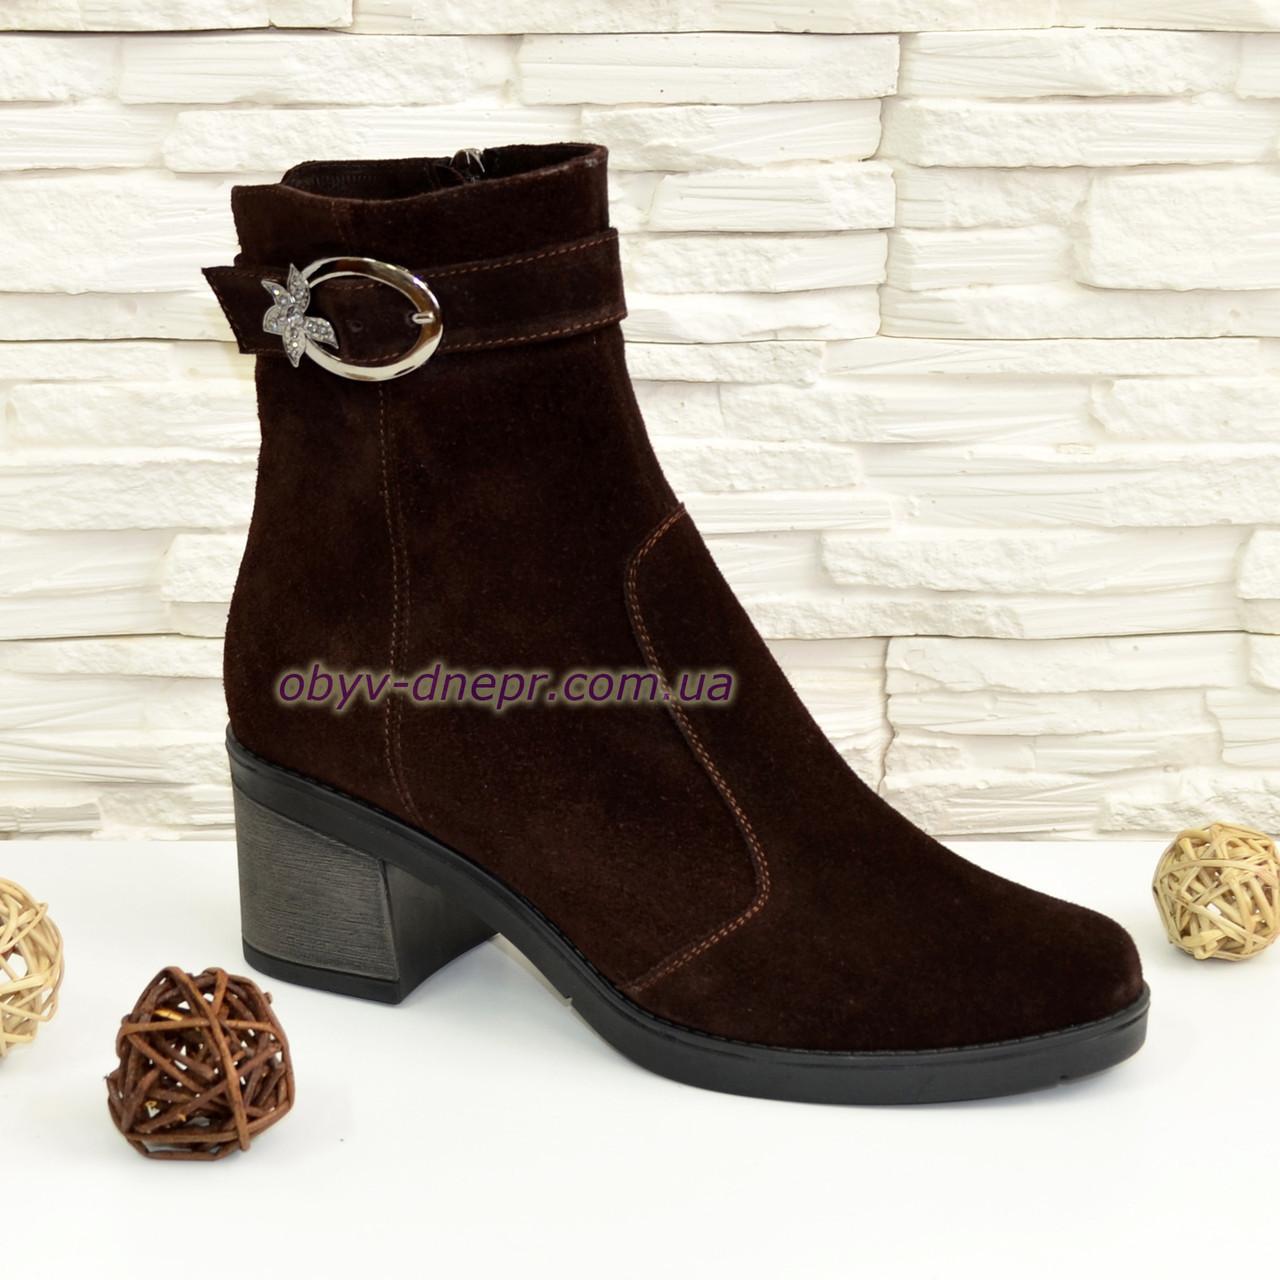 Ботинки коричневые женские замшевые  , декорированы ремешком